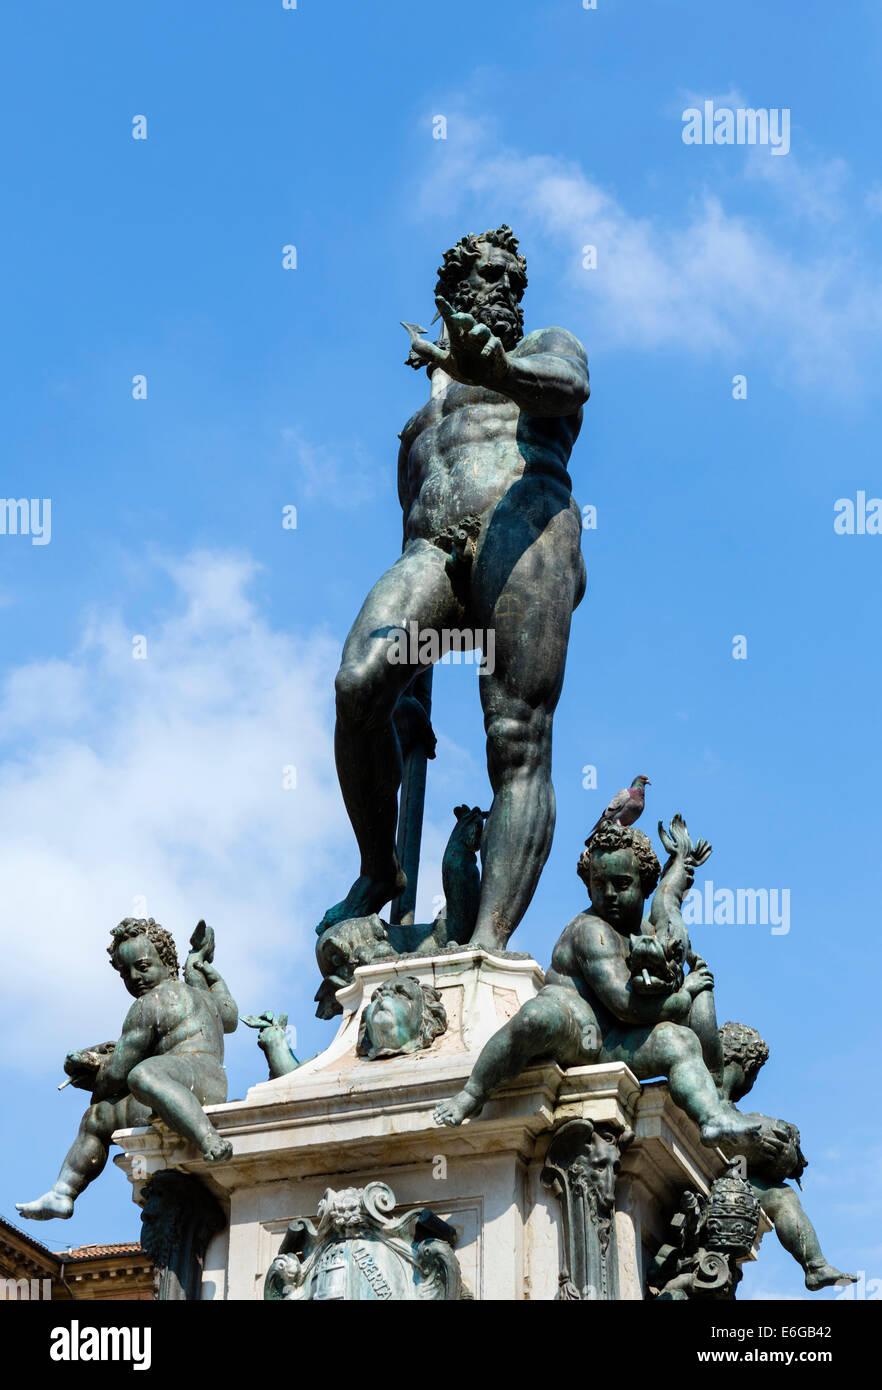 The Neptune Fountain in Piazza del Nettuno, Bologna, Emilia Romagna, Italy - Stock Image